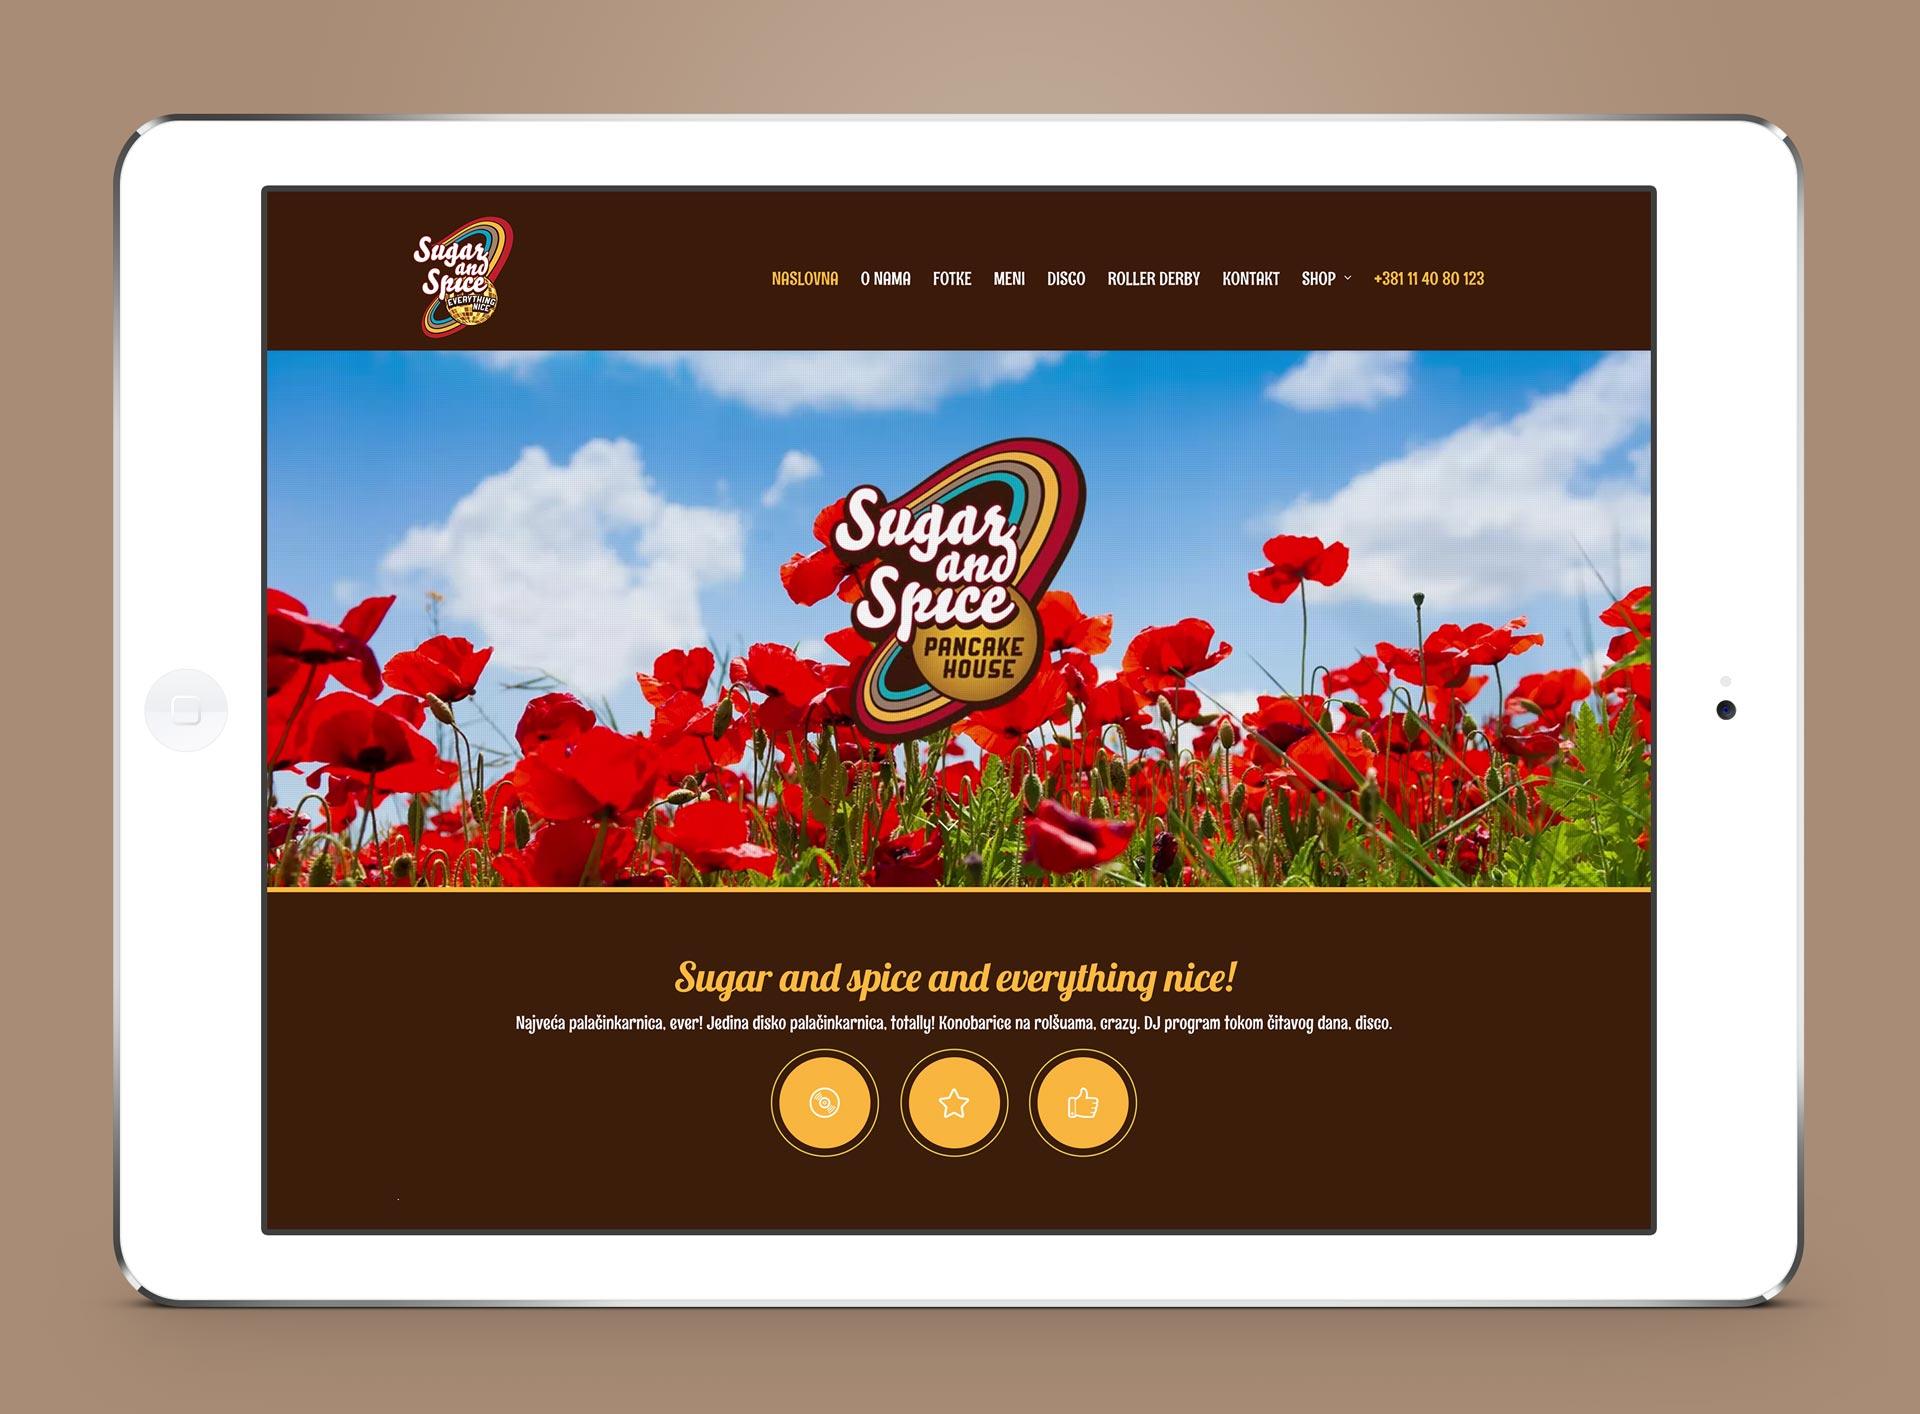 Dizajn web stranice za restoran Sugar and Spice